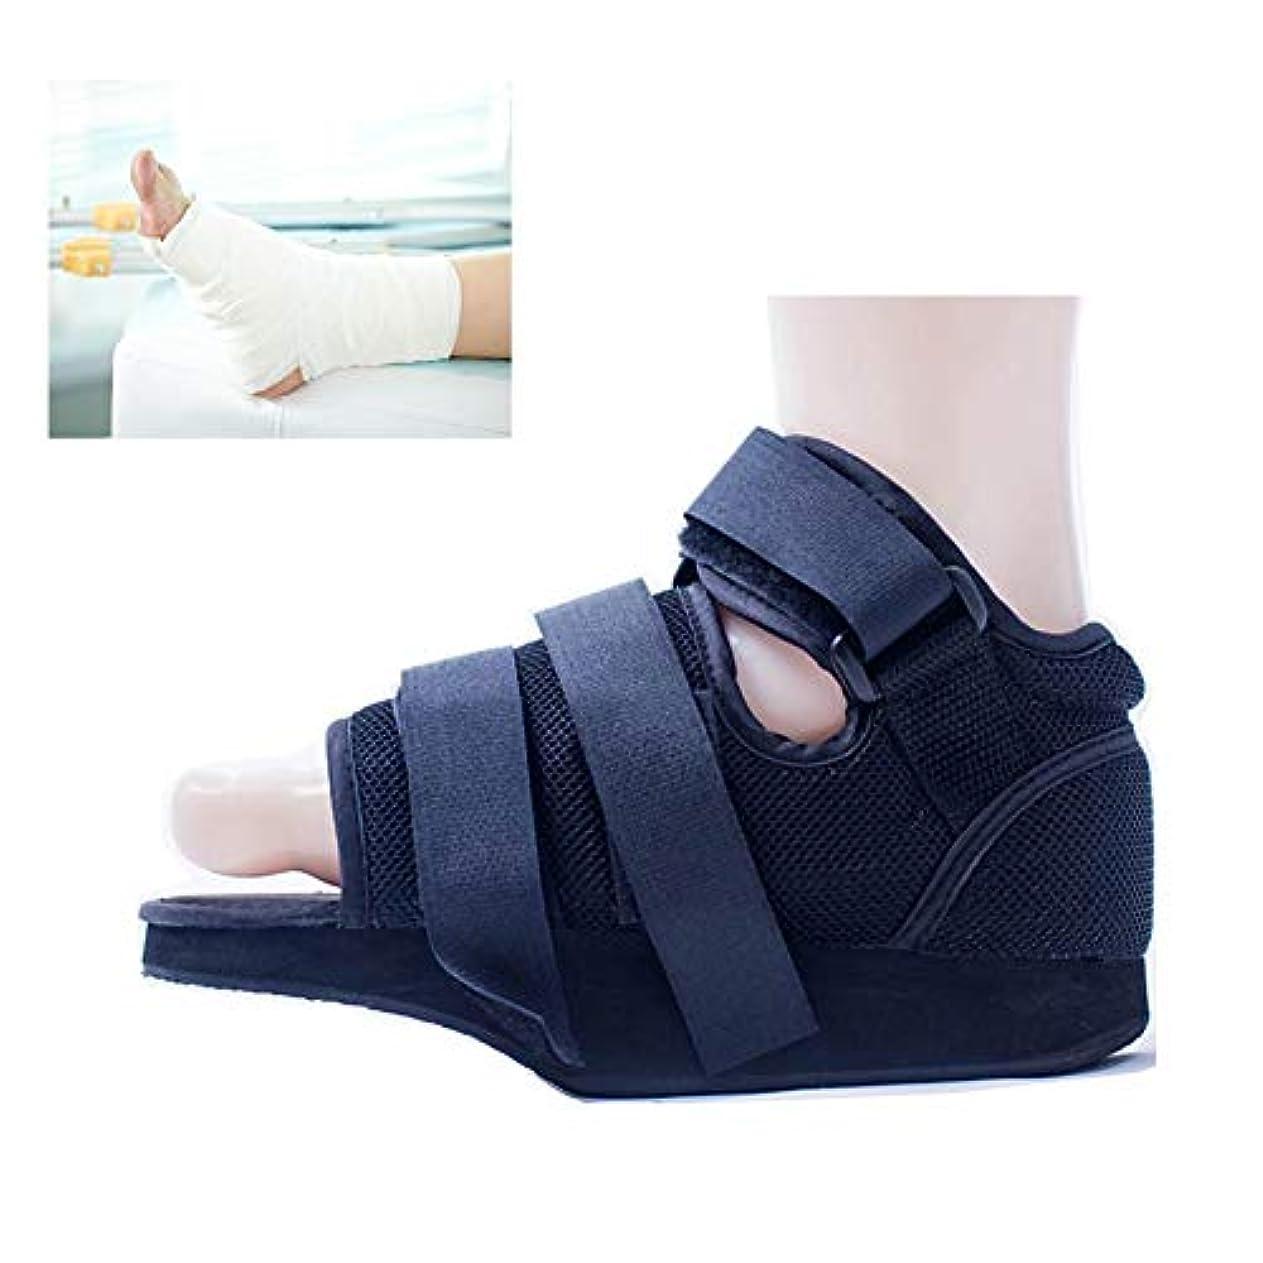 キリスト教ずるい便宜キャスト医療靴術後石膏靴ウォーキングブーツ骨折足歩行靴ポスト傷害外科的治癒リハビリテーション,XL1pc